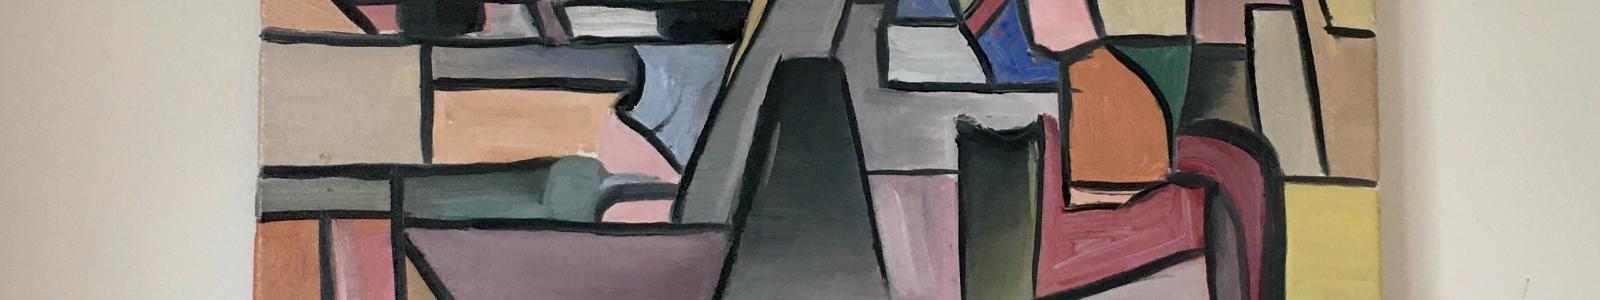 Gallery Painter Vartui Saribekian